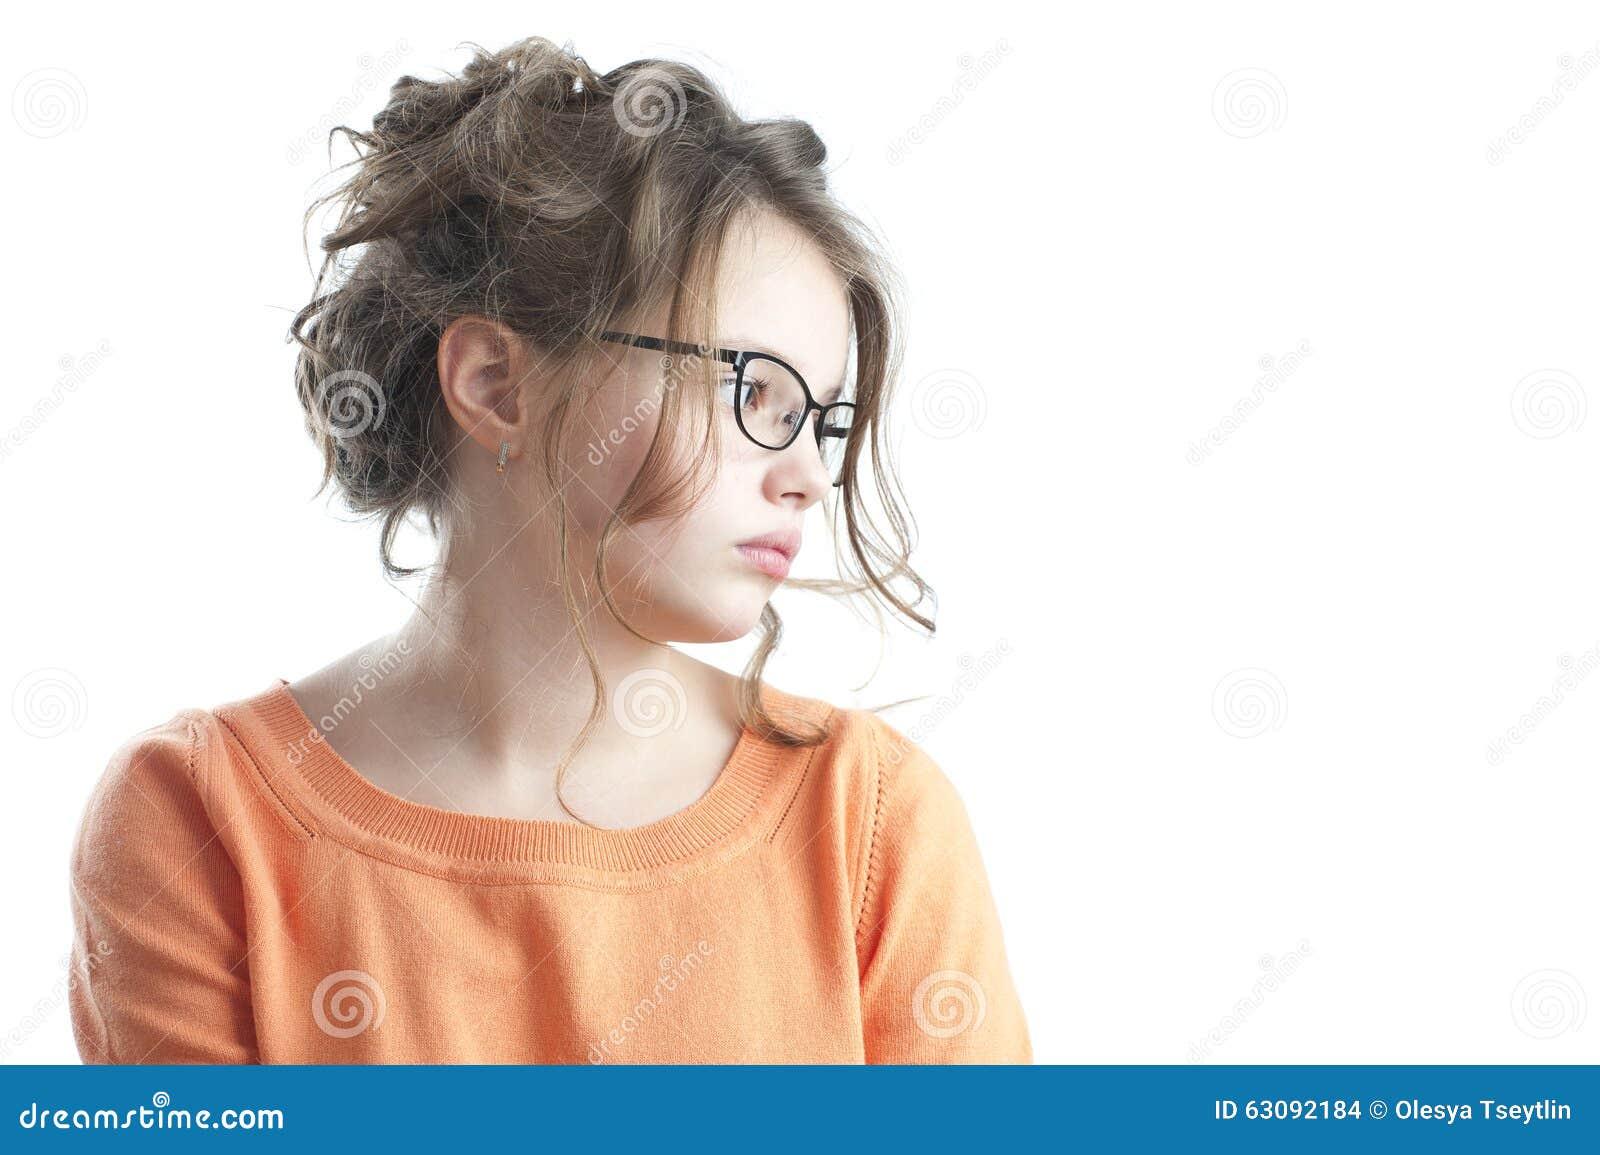 Ritratto di una ragazza graziosa che guarda al lato - Immagine di una ragazza a colori ...